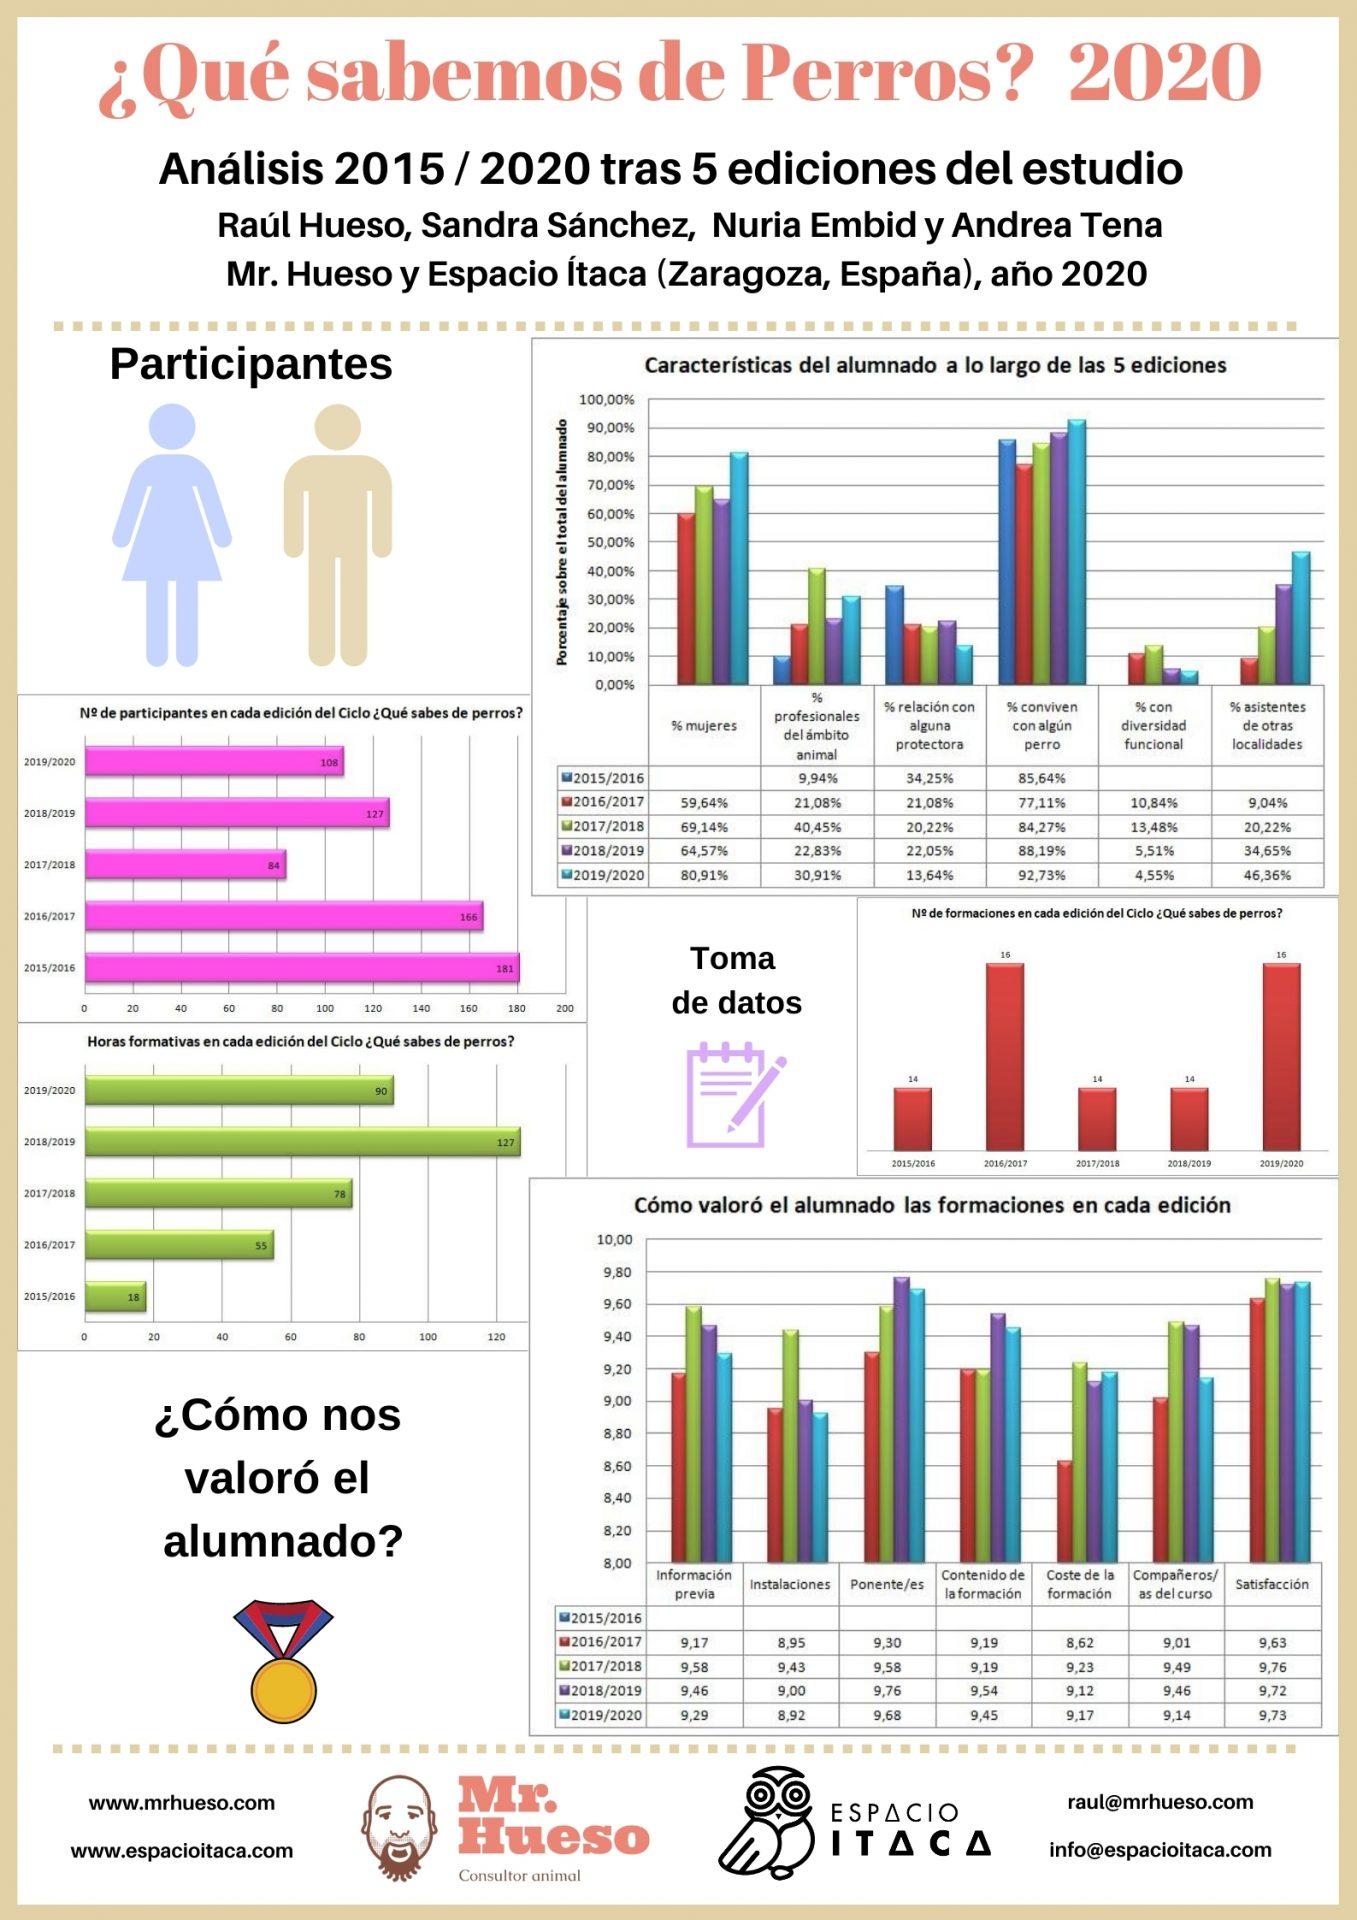 Comparativa de participación en todas las ediciones del estudio ¿Qué sabemos de perros?